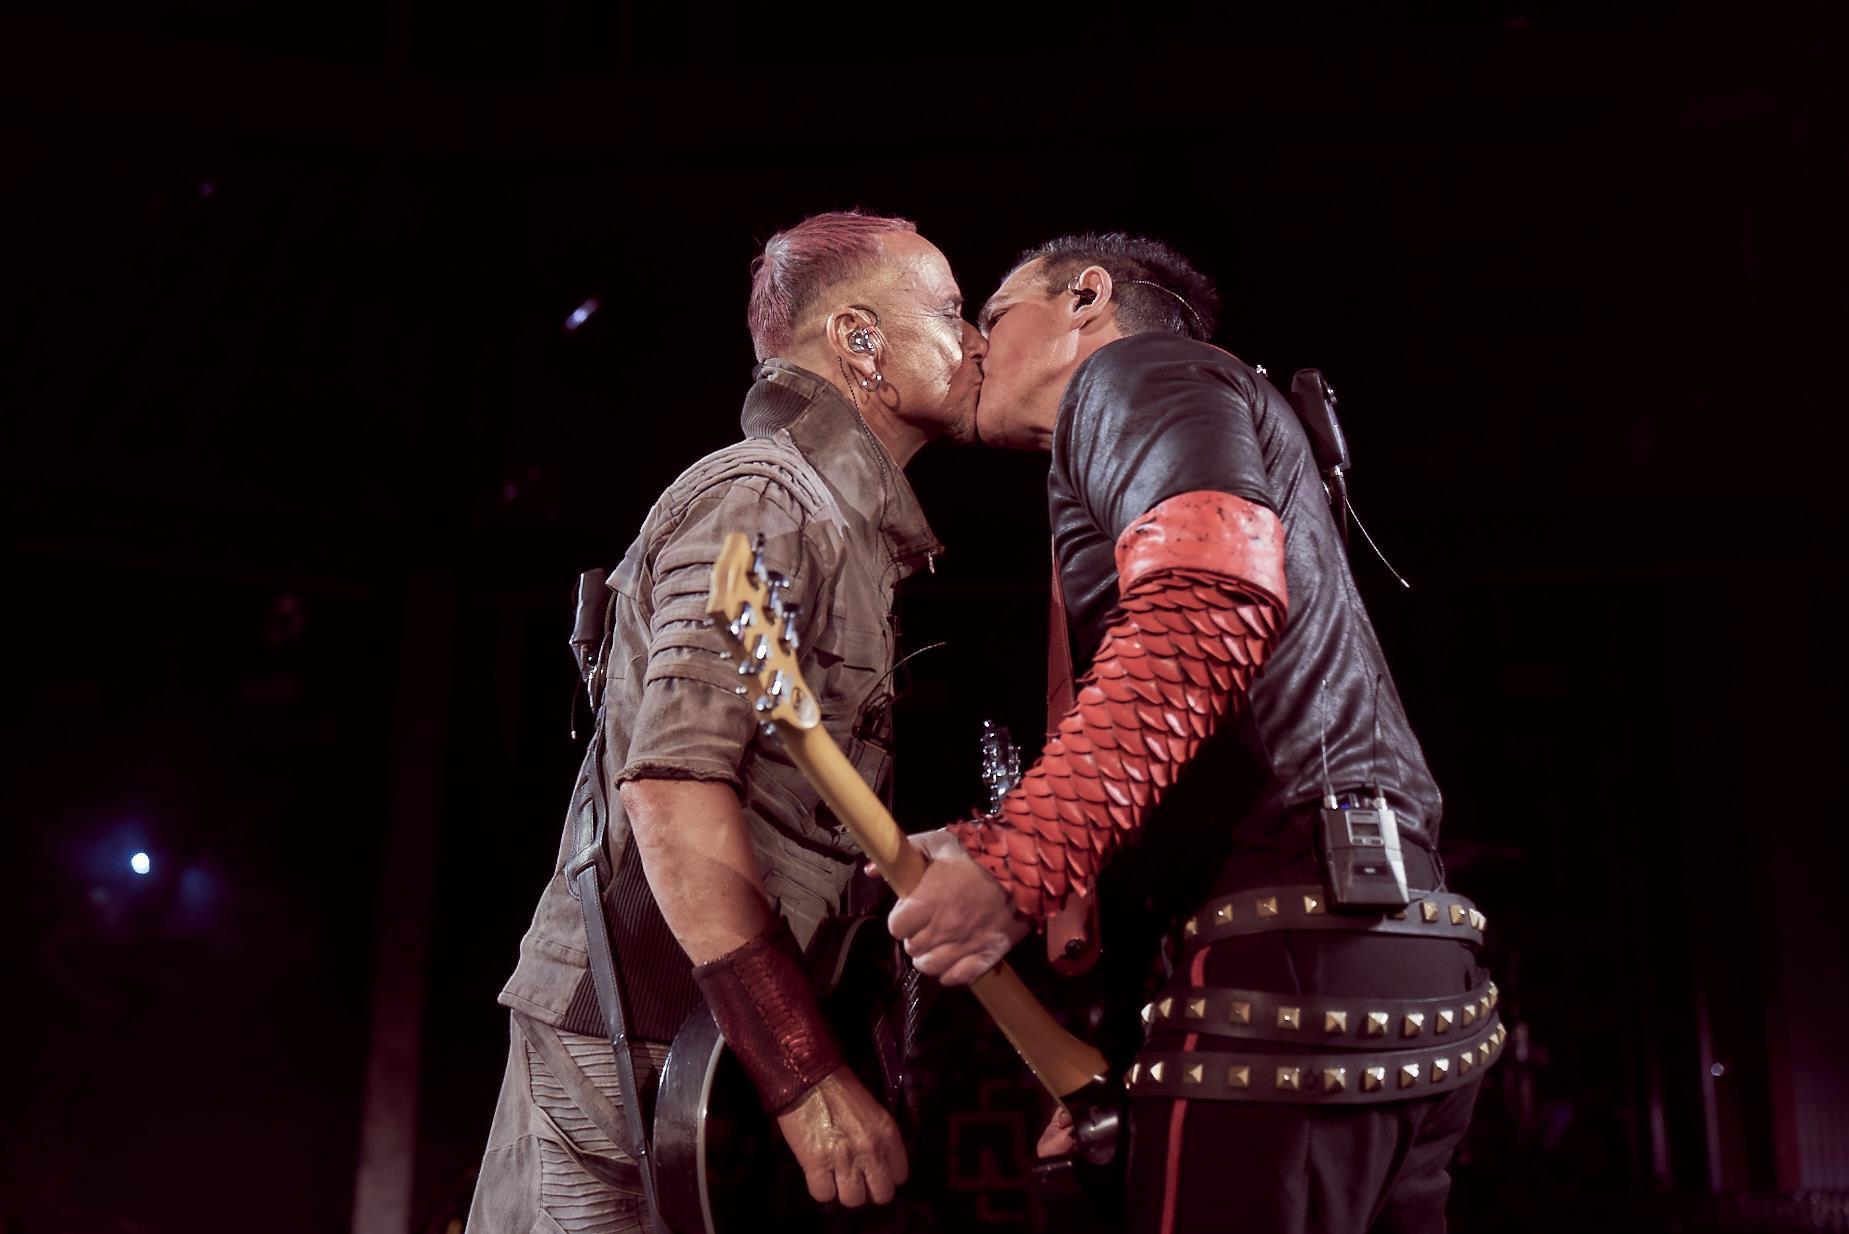 Rammsteinのギタリスト二人がロシアの反LGBTQ法に抗議してステージ上でキス_b0233987_21512828.jpg